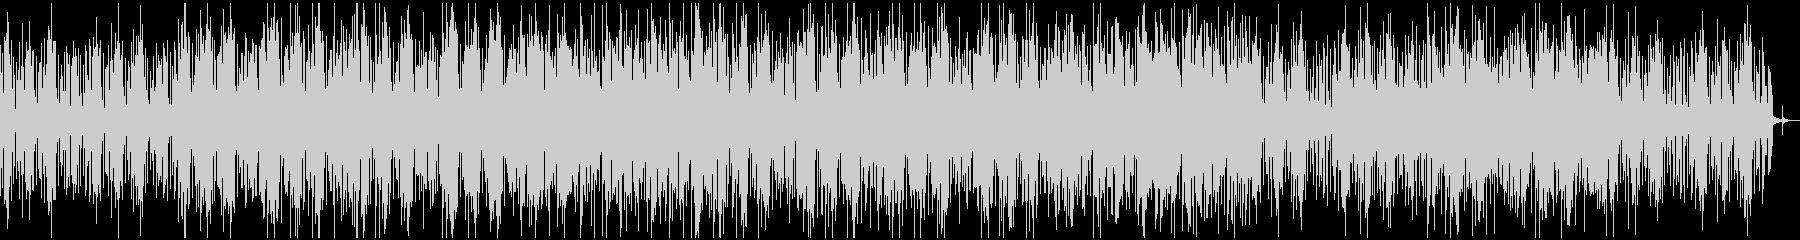 R&B/リラックス感のあるエレクトロの未再生の波形